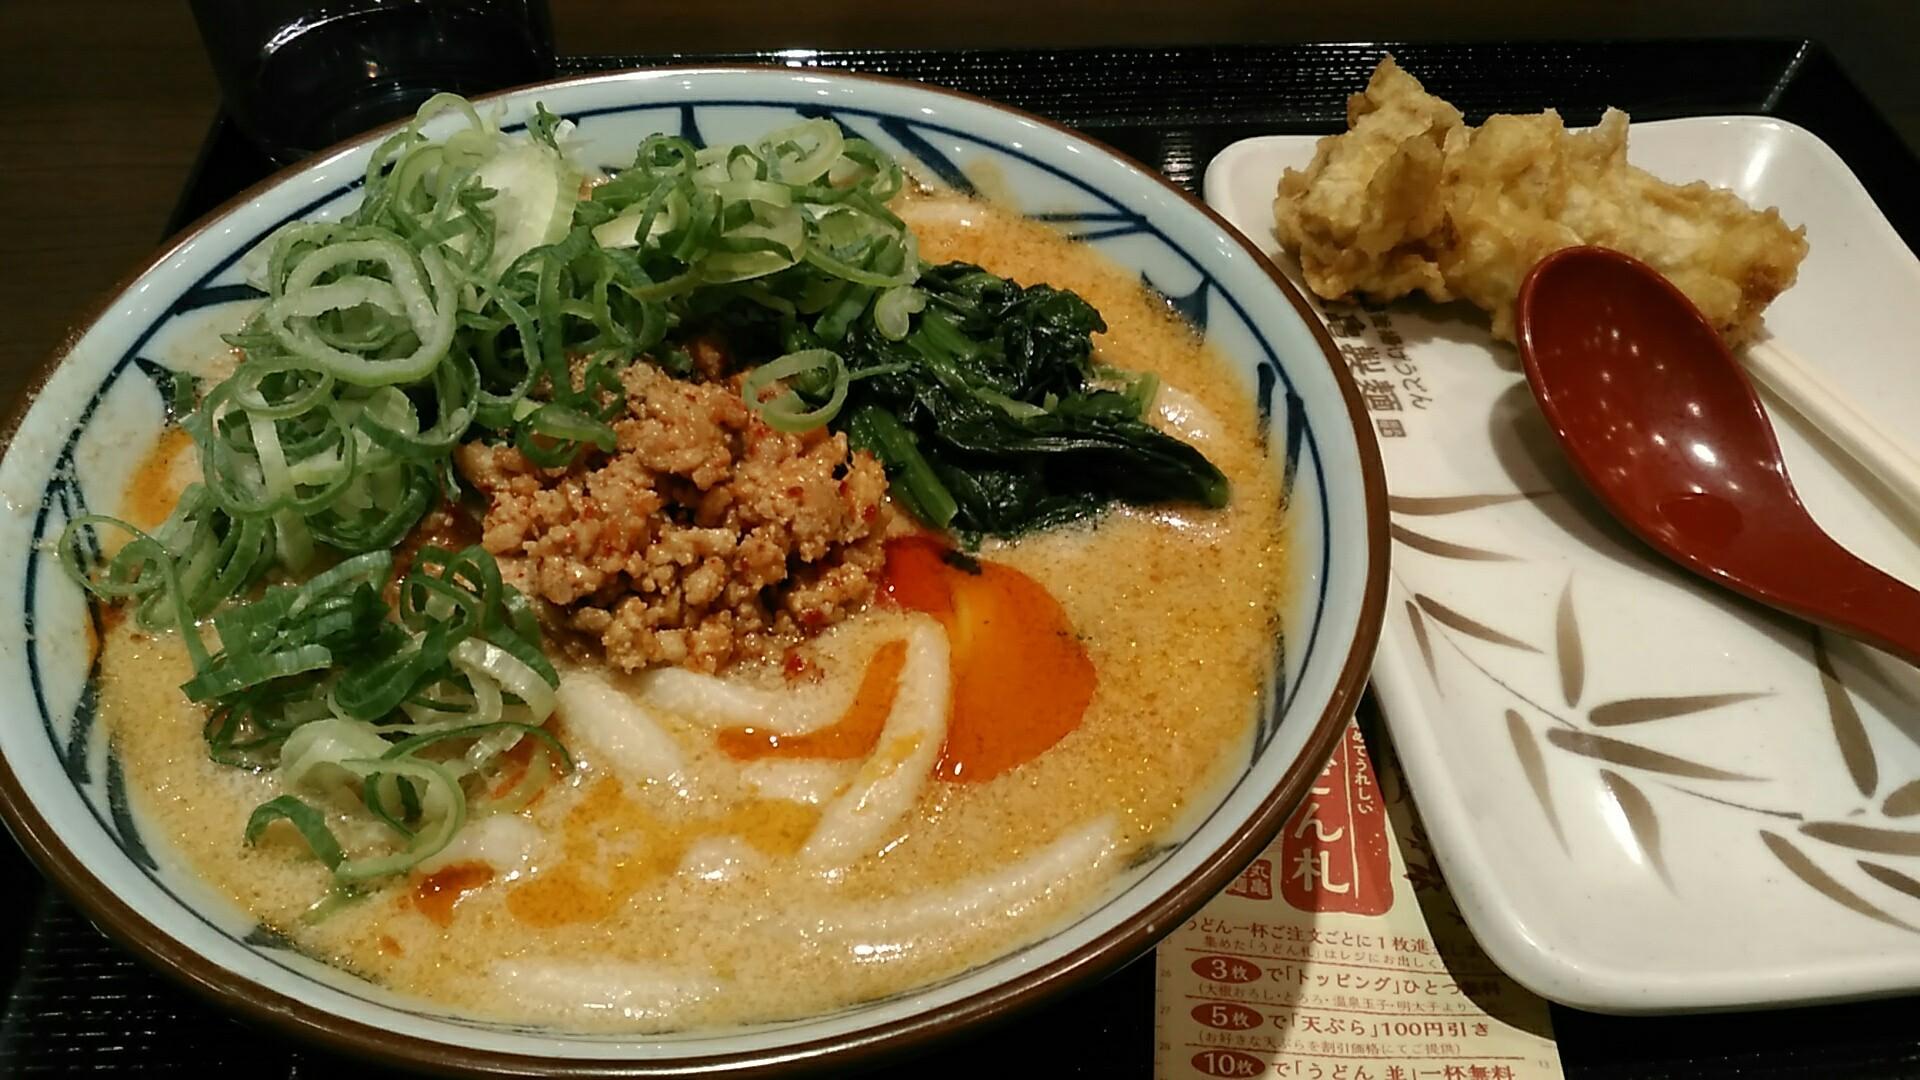 丸亀製麺 『うま辛担々うどん』_a0326295_17274148.jpg